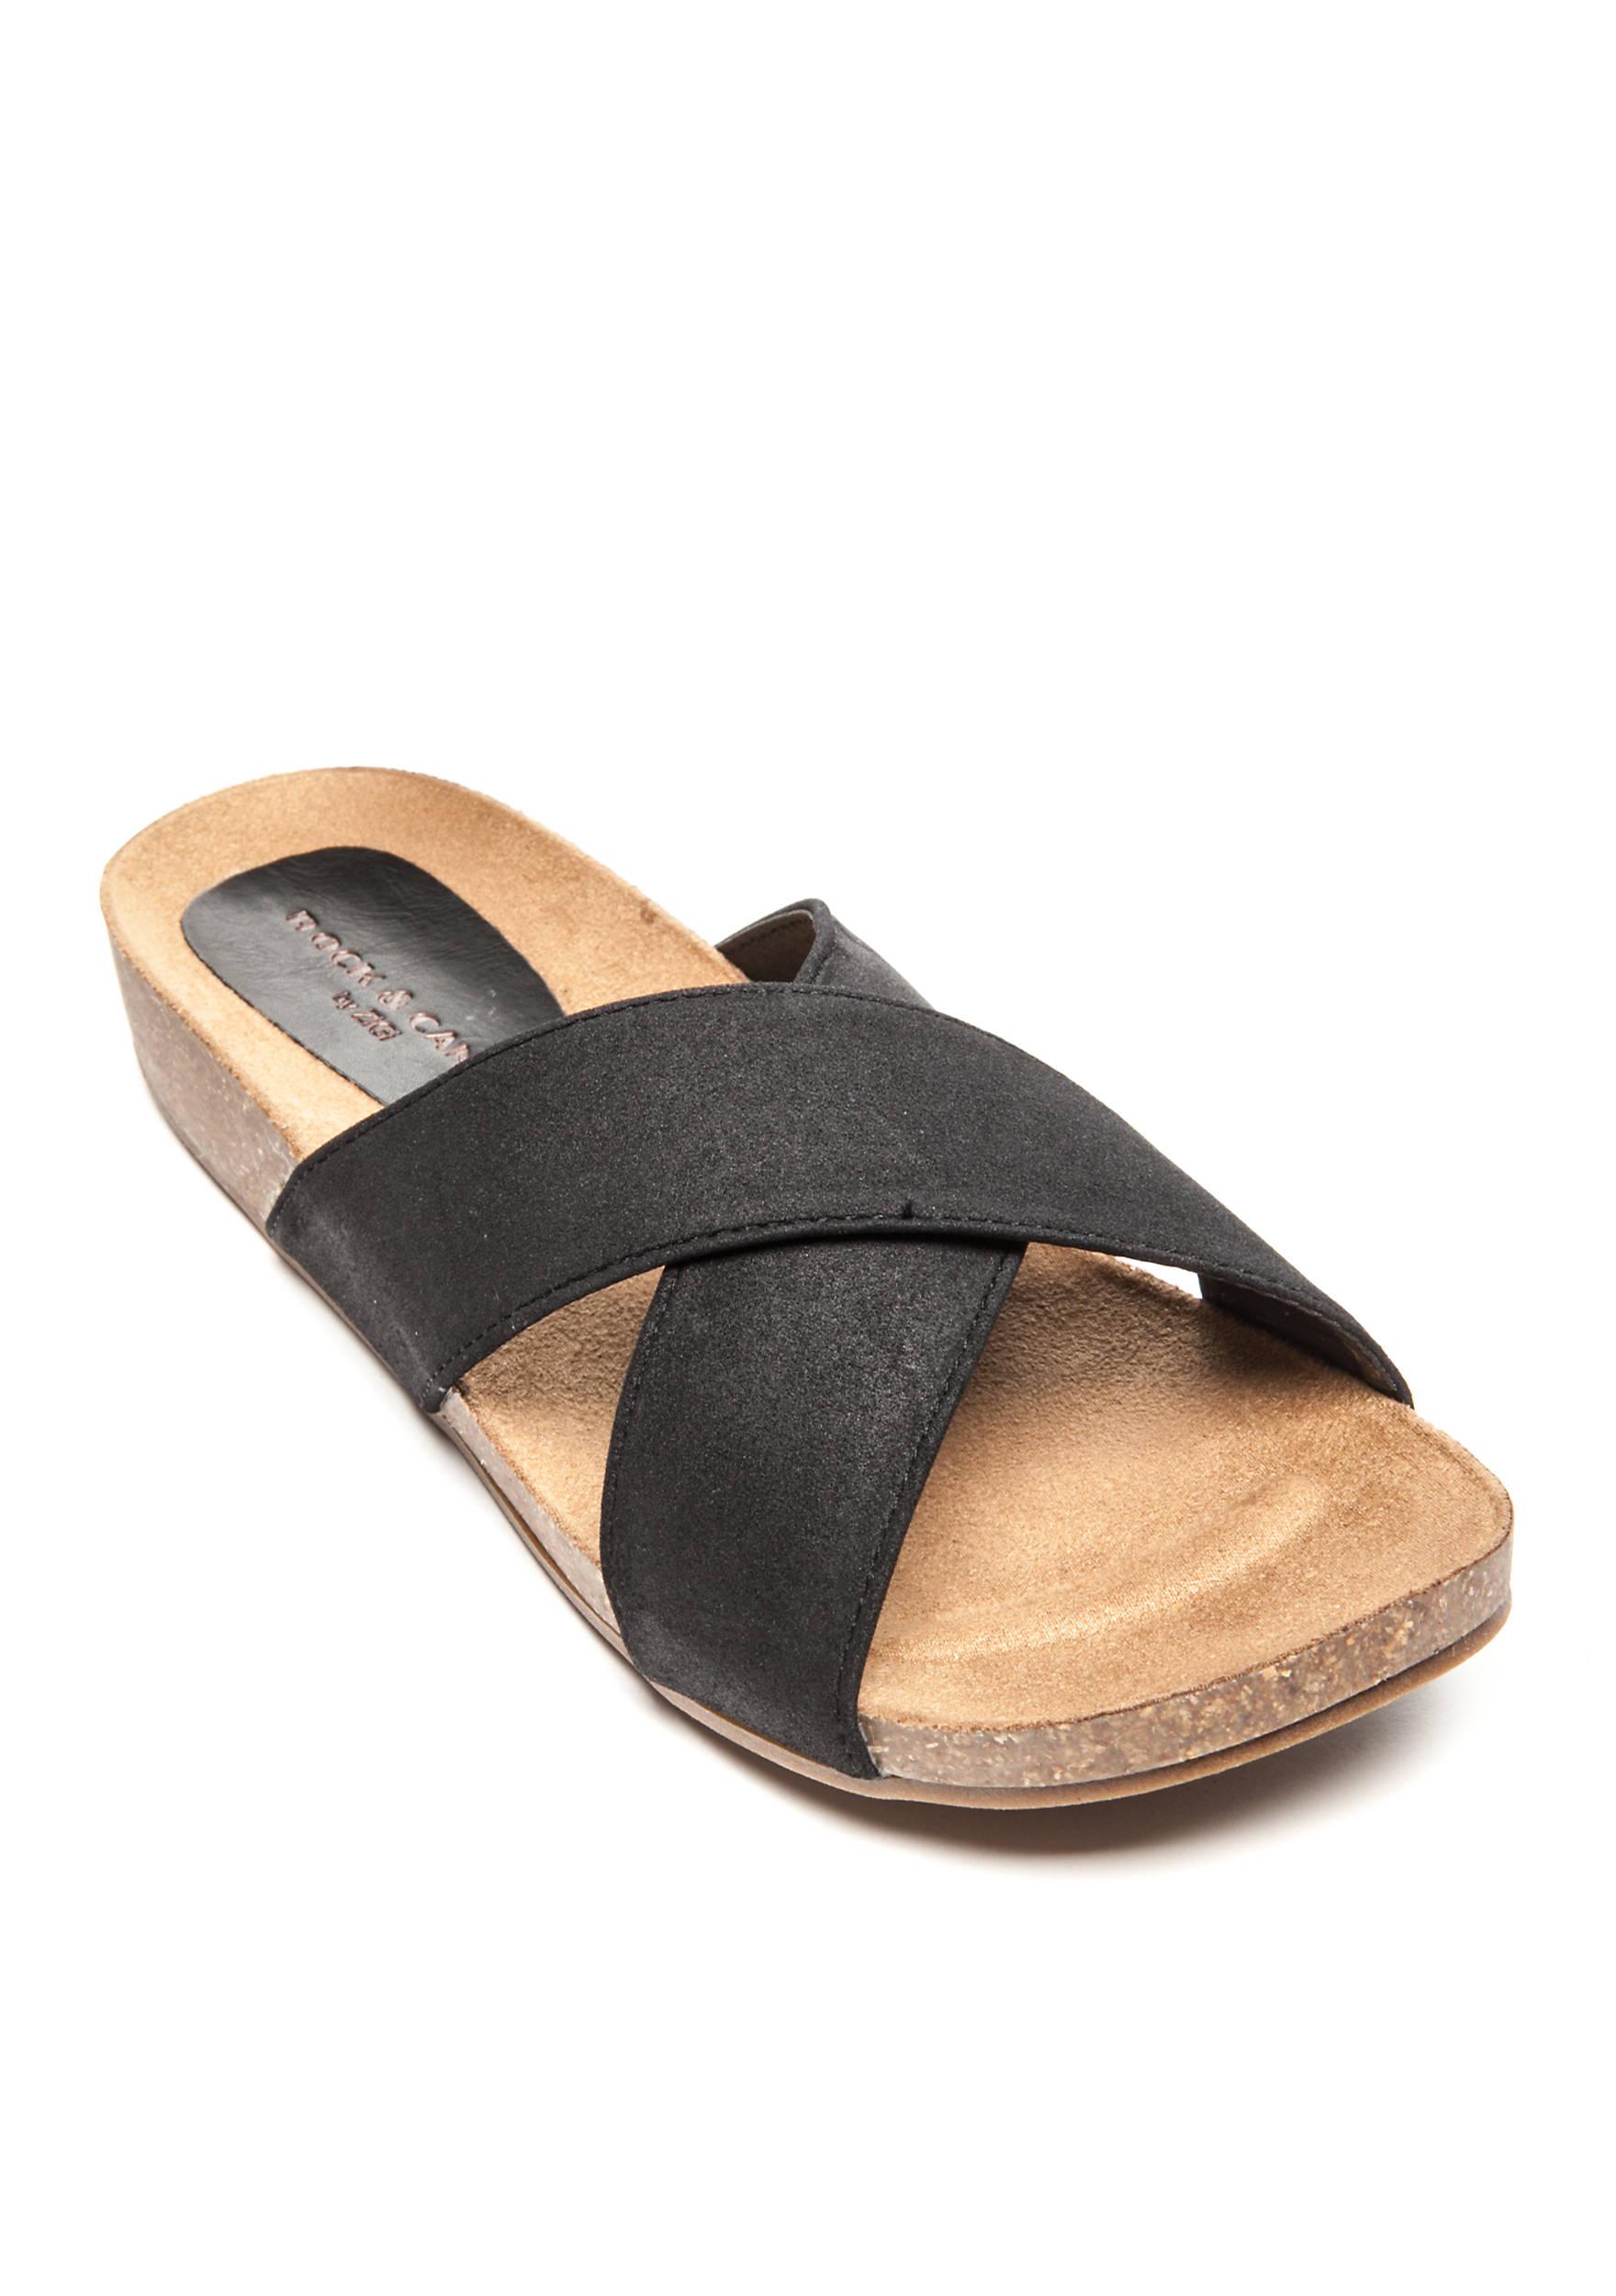 Rock & Candy Benzie Sandal dJpnnzYIX